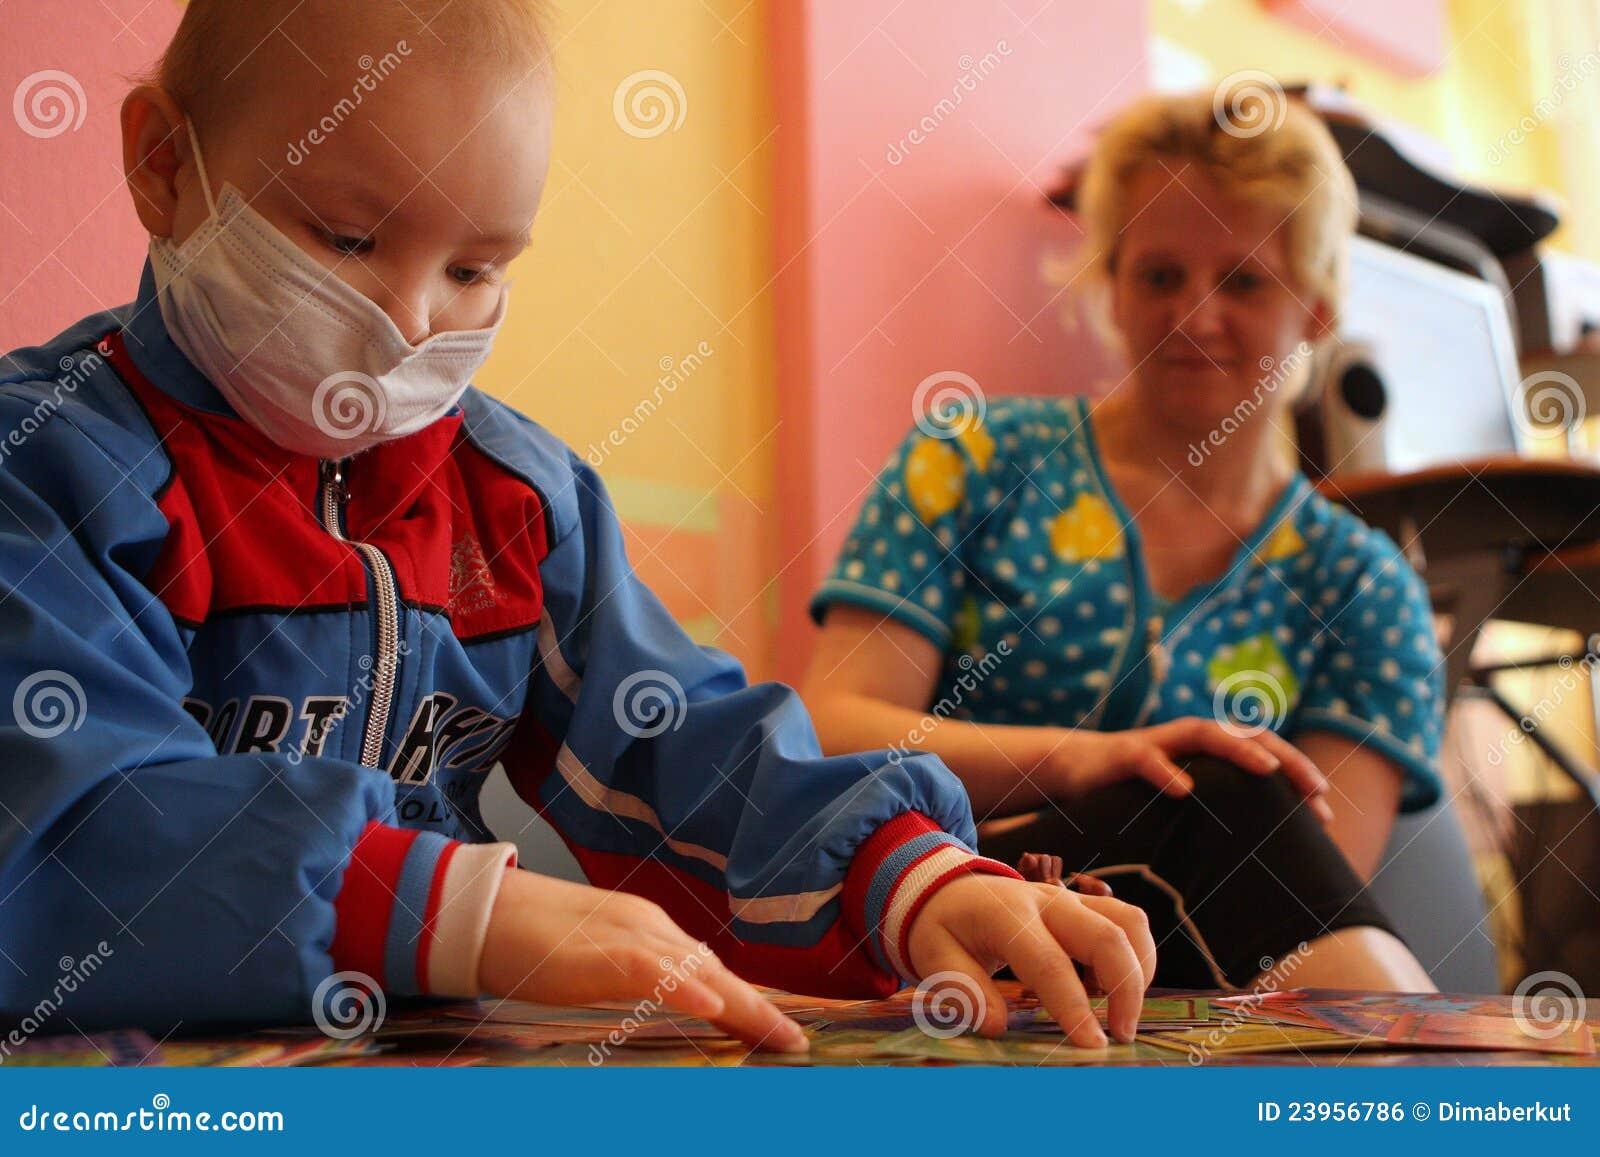 Fotografia Editoriale: Giochi da bambini nella stanza di gioco dei ...